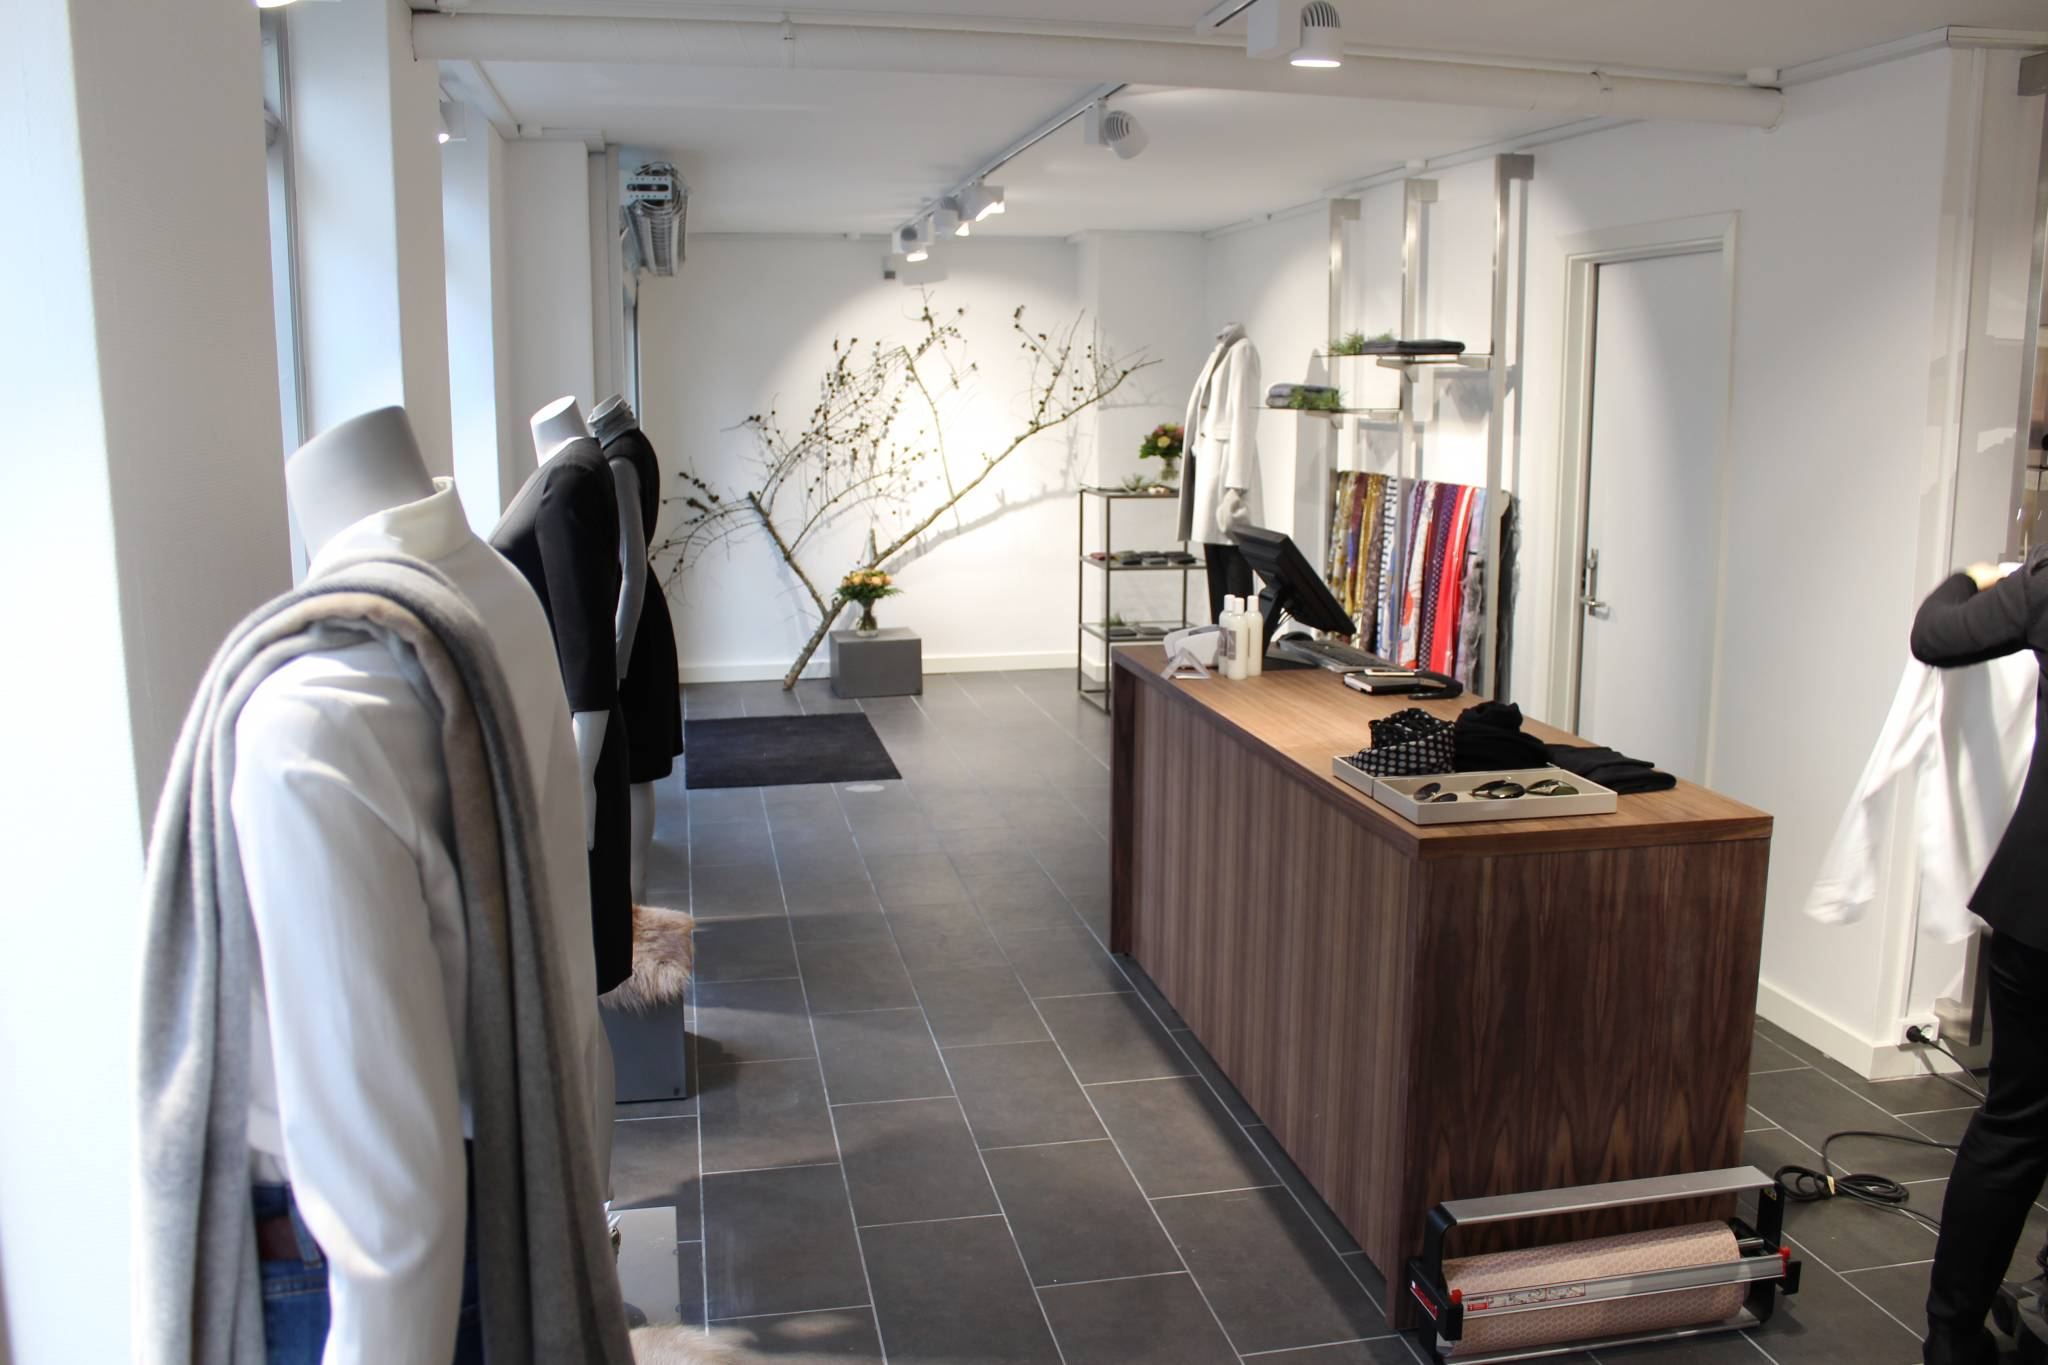 Butiksdisk i lækkert design med skuffer og hylder. Butiksinventar og butiksindretning.